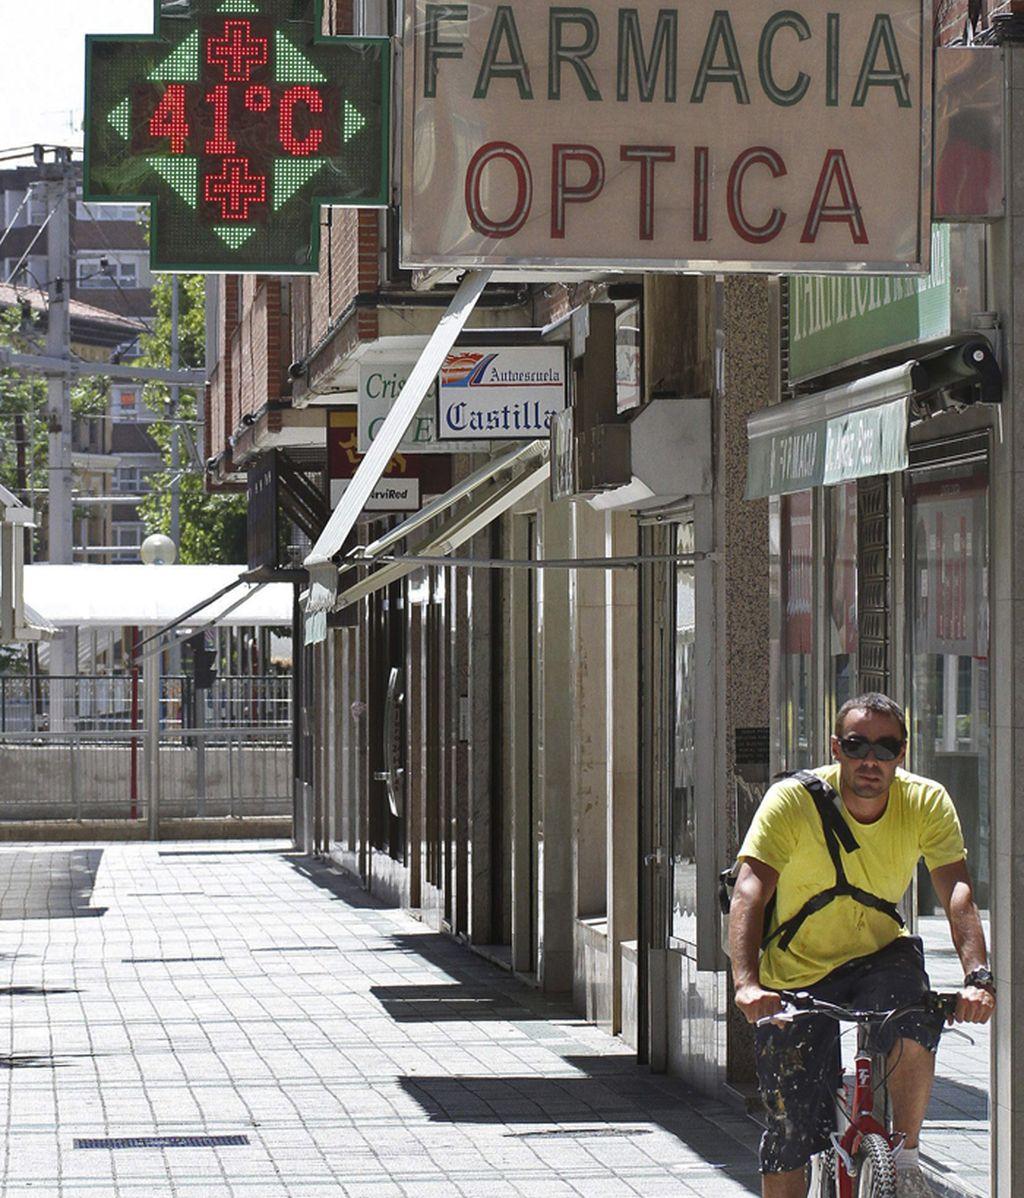 La ola de calor extremo afecta a toda España